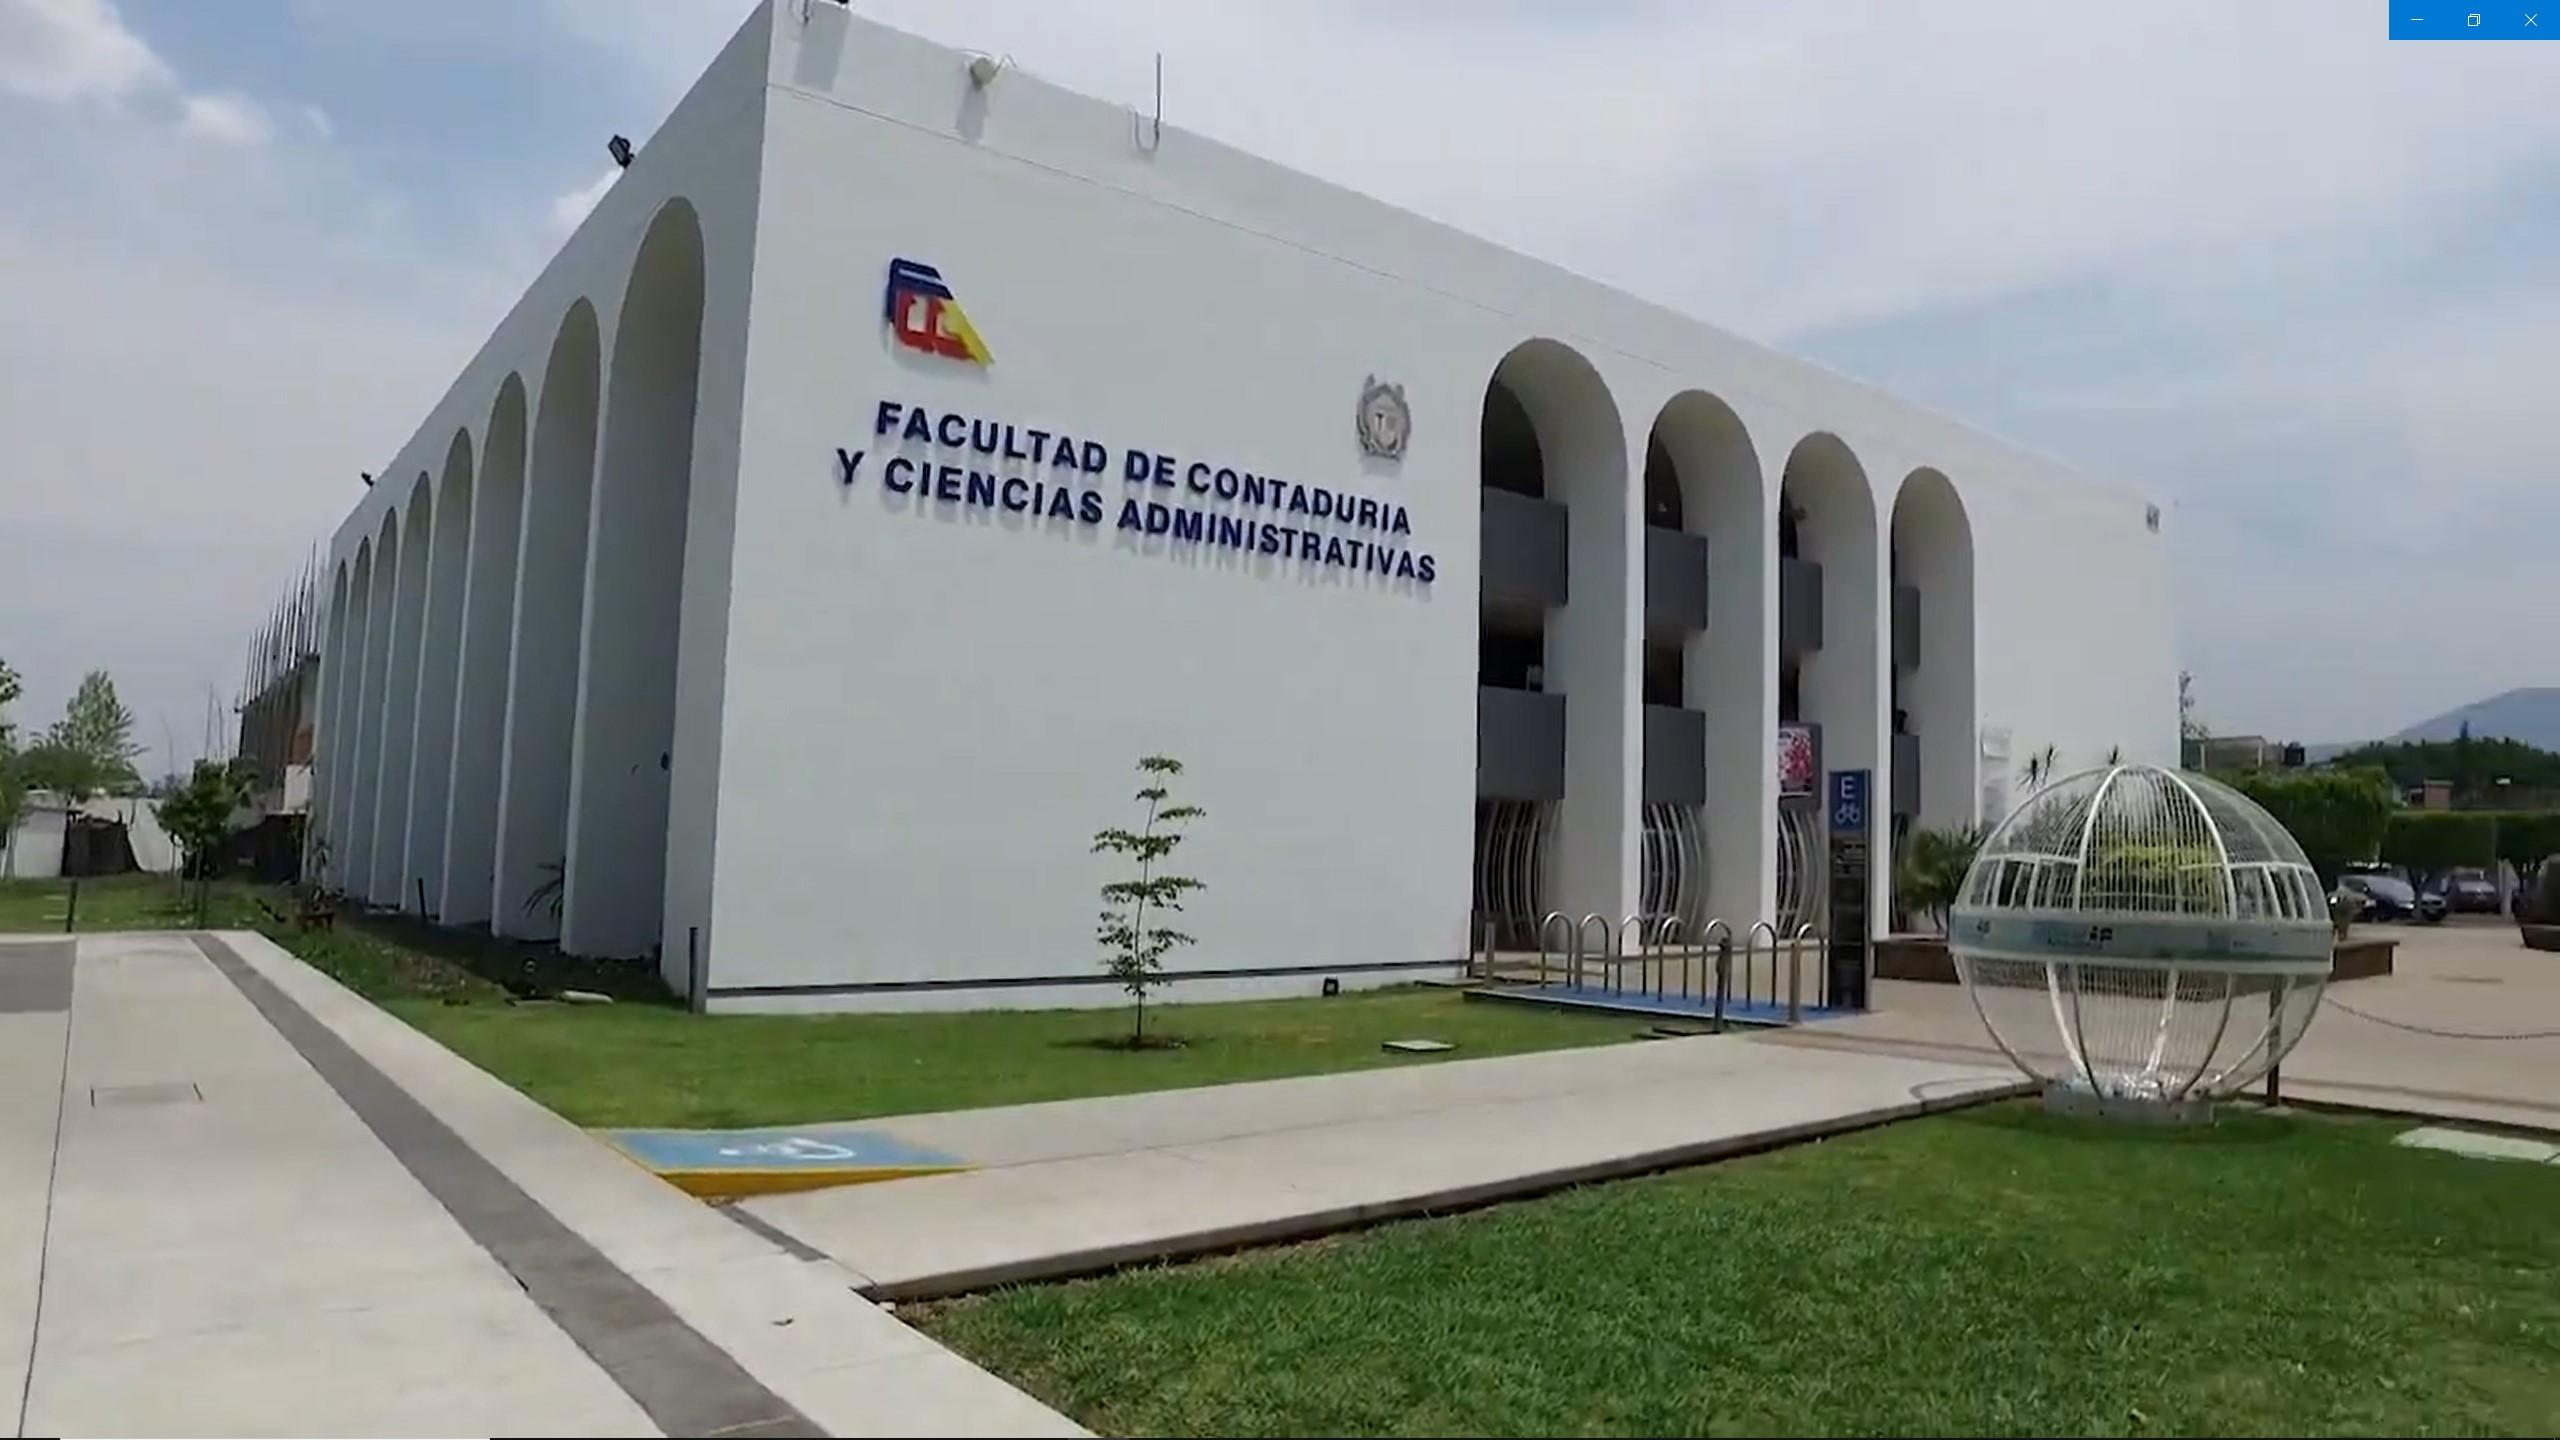 Facultad de Contaduría y Ciencias Administrativas de la UMSNH   Ciudad Universitaria   Morelia, Michoacán, México